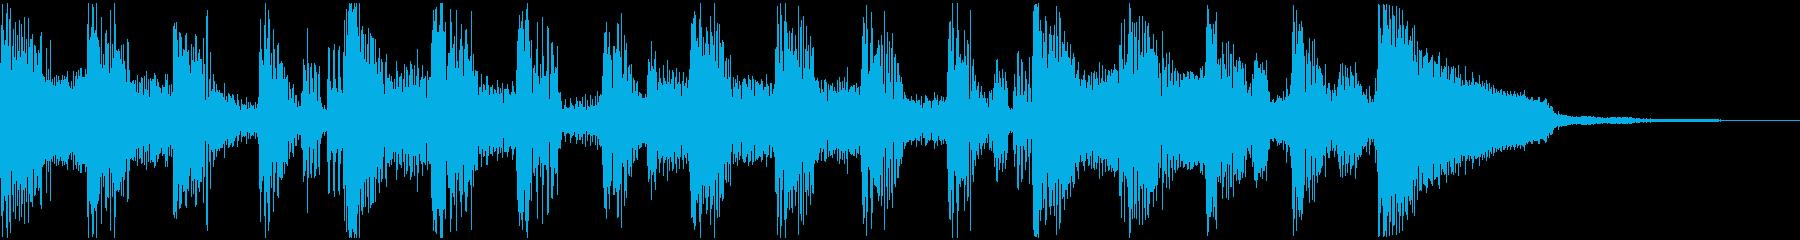 ギターハーモニクス、ロードピアノ、...の再生済みの波形